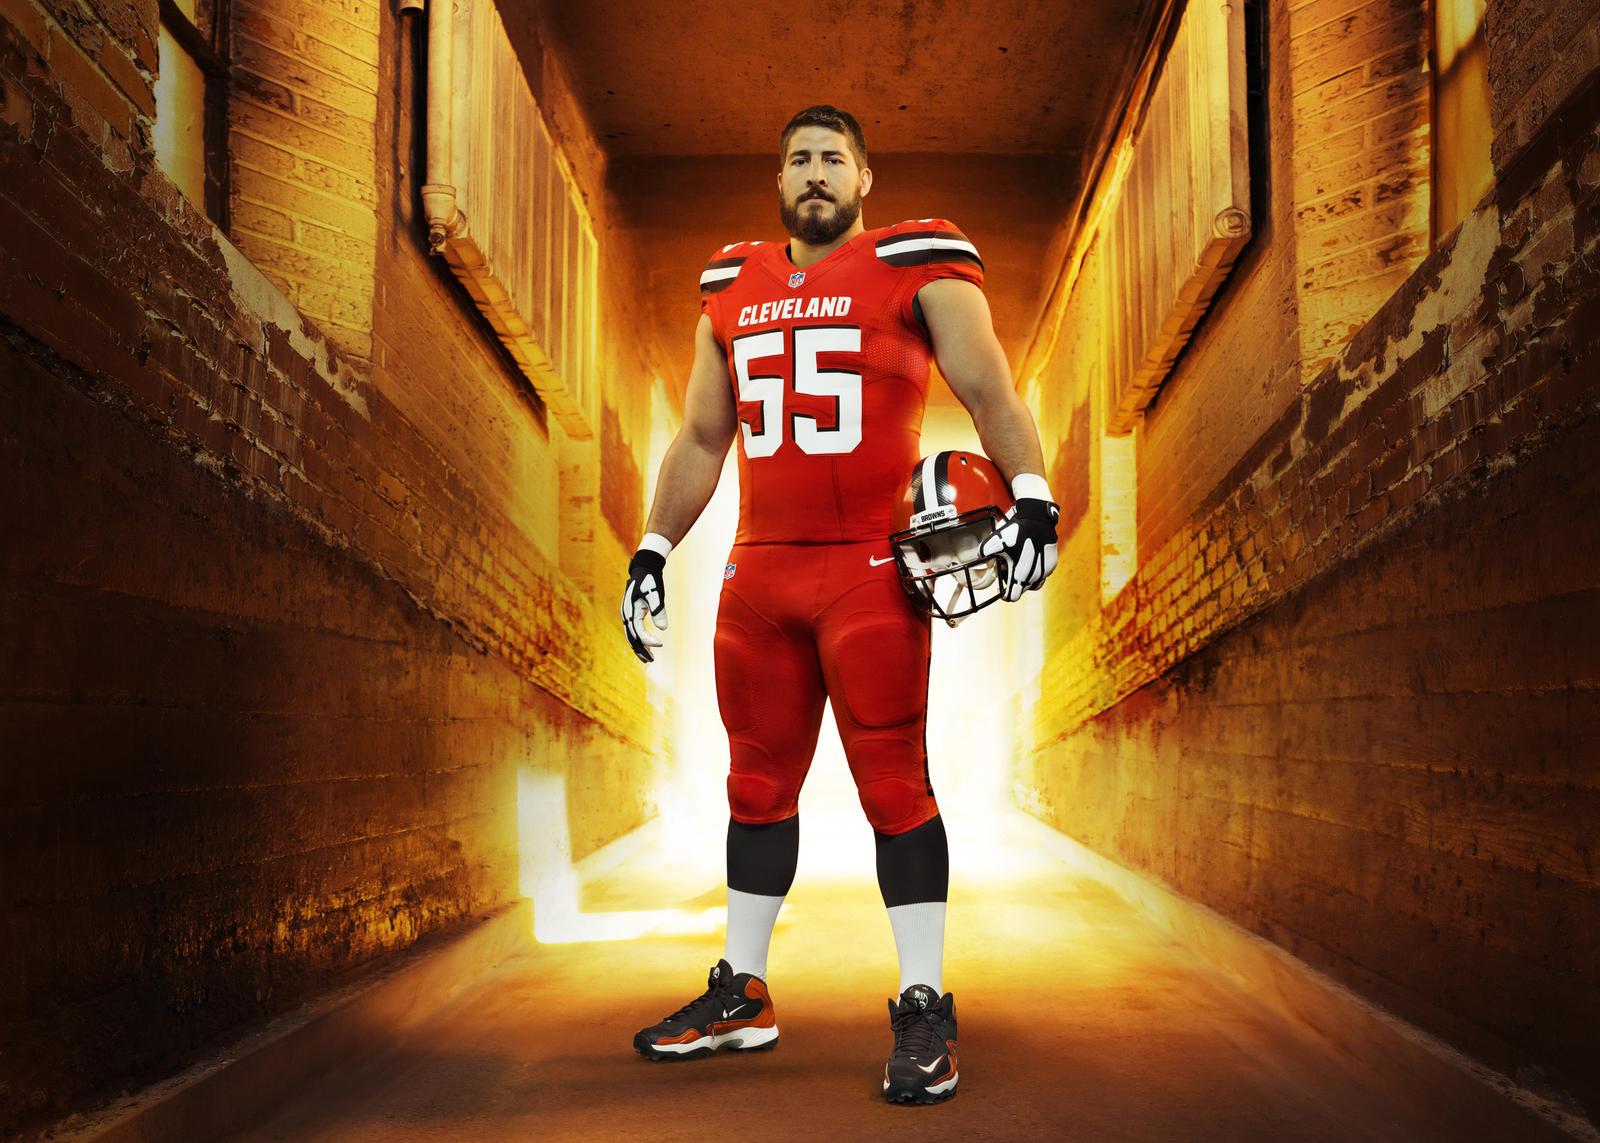 Nike_Cleveland_Mack_HERO_16x9